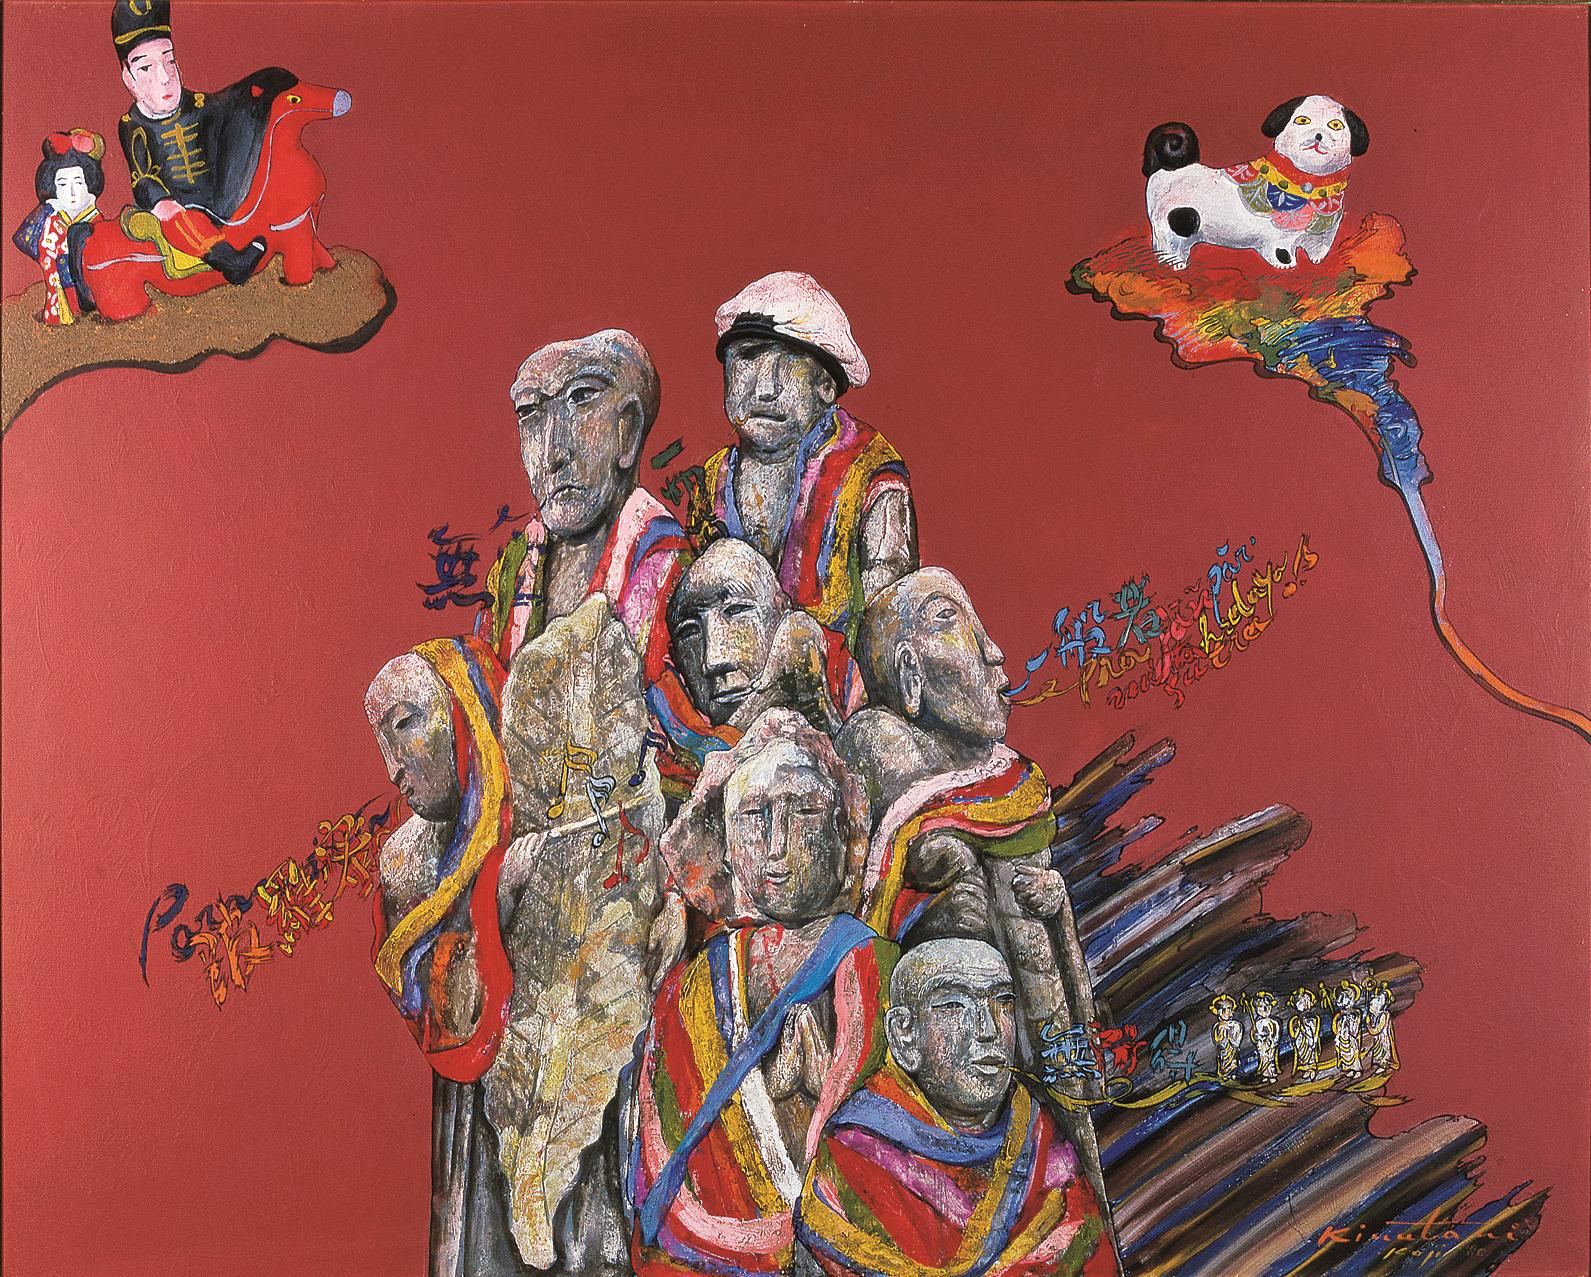 《羅漢唄う》(1980年、富山県美術館)